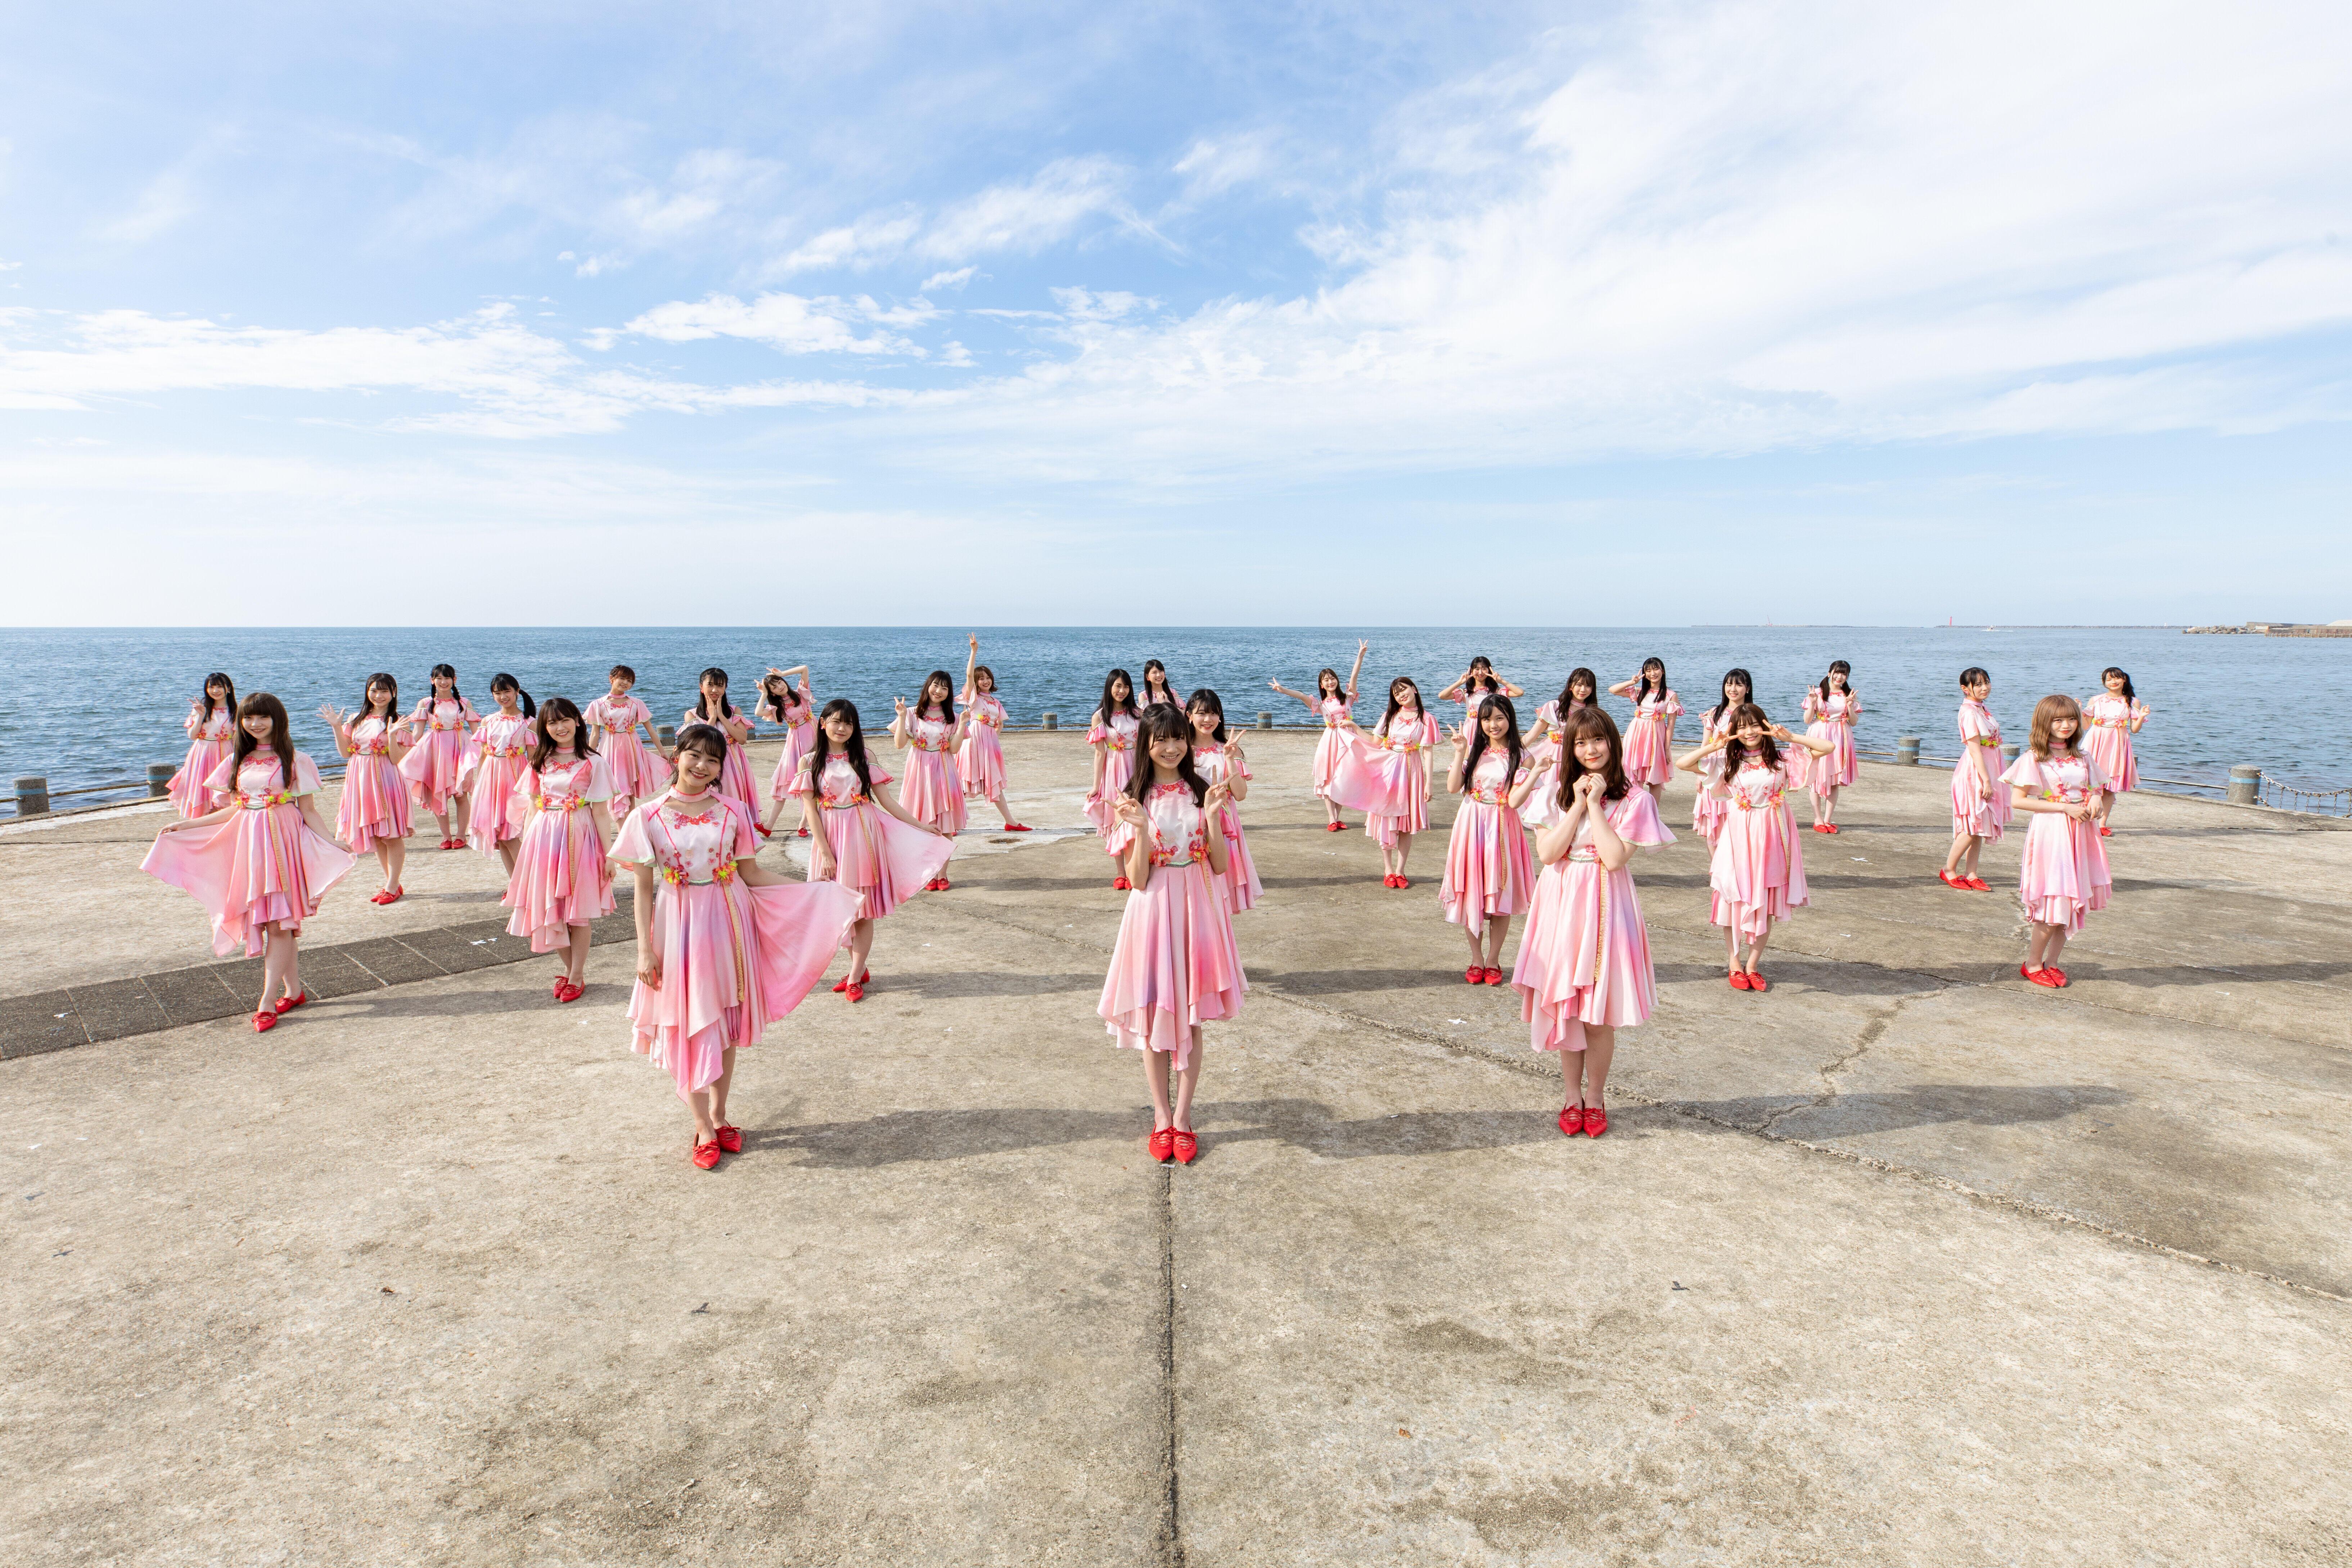 新曲「シャーベット」ピンクのミュージックビデオは「新潟西海岸突堤」で撮影された。メンバの間隔を2メートル開けて撮影に臨んだ(c)Flora